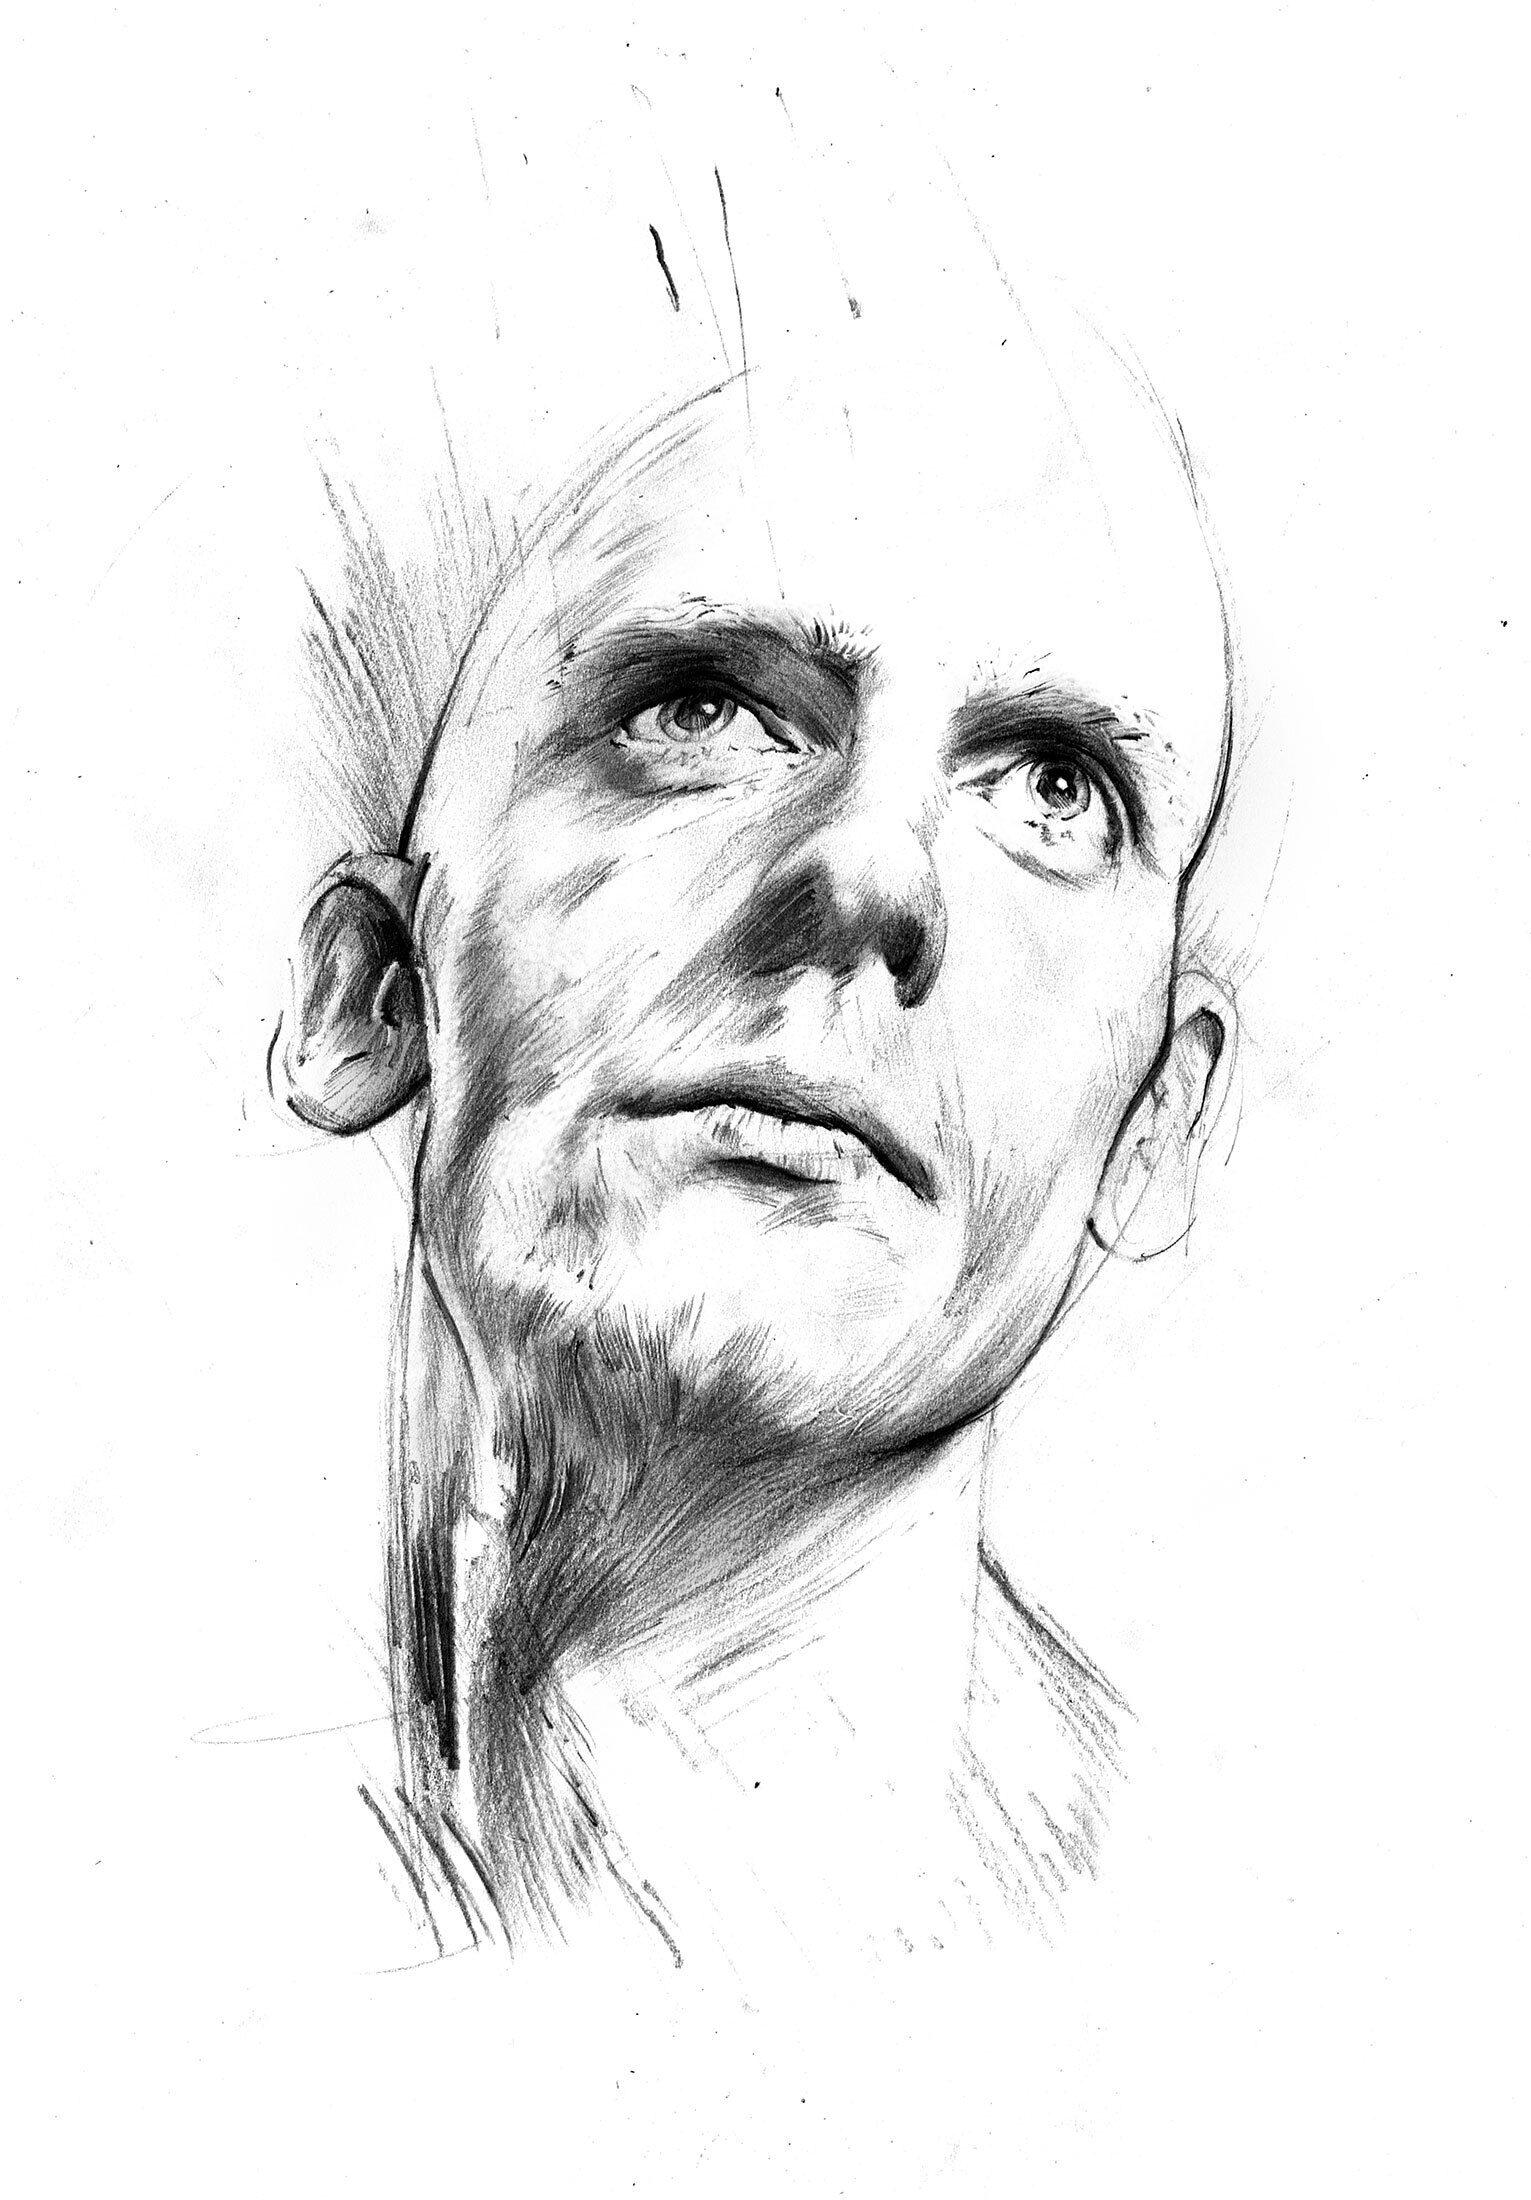 Sktech head - Kornel Illustration | Kornel Stadler portfolio